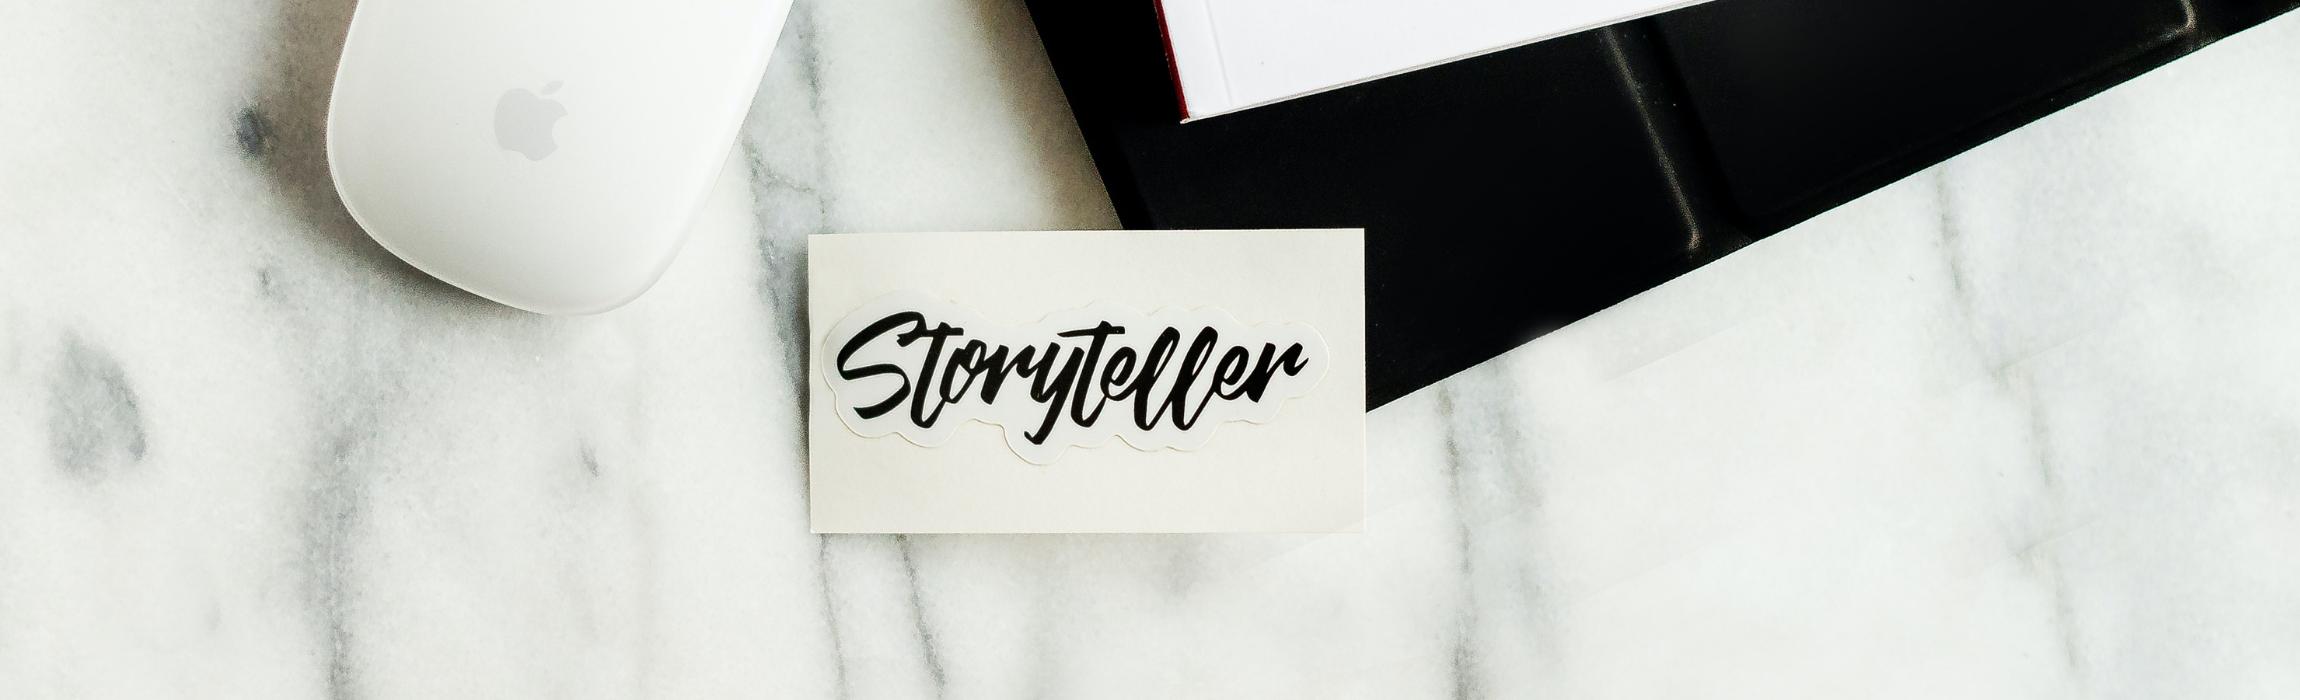 Storyteller card